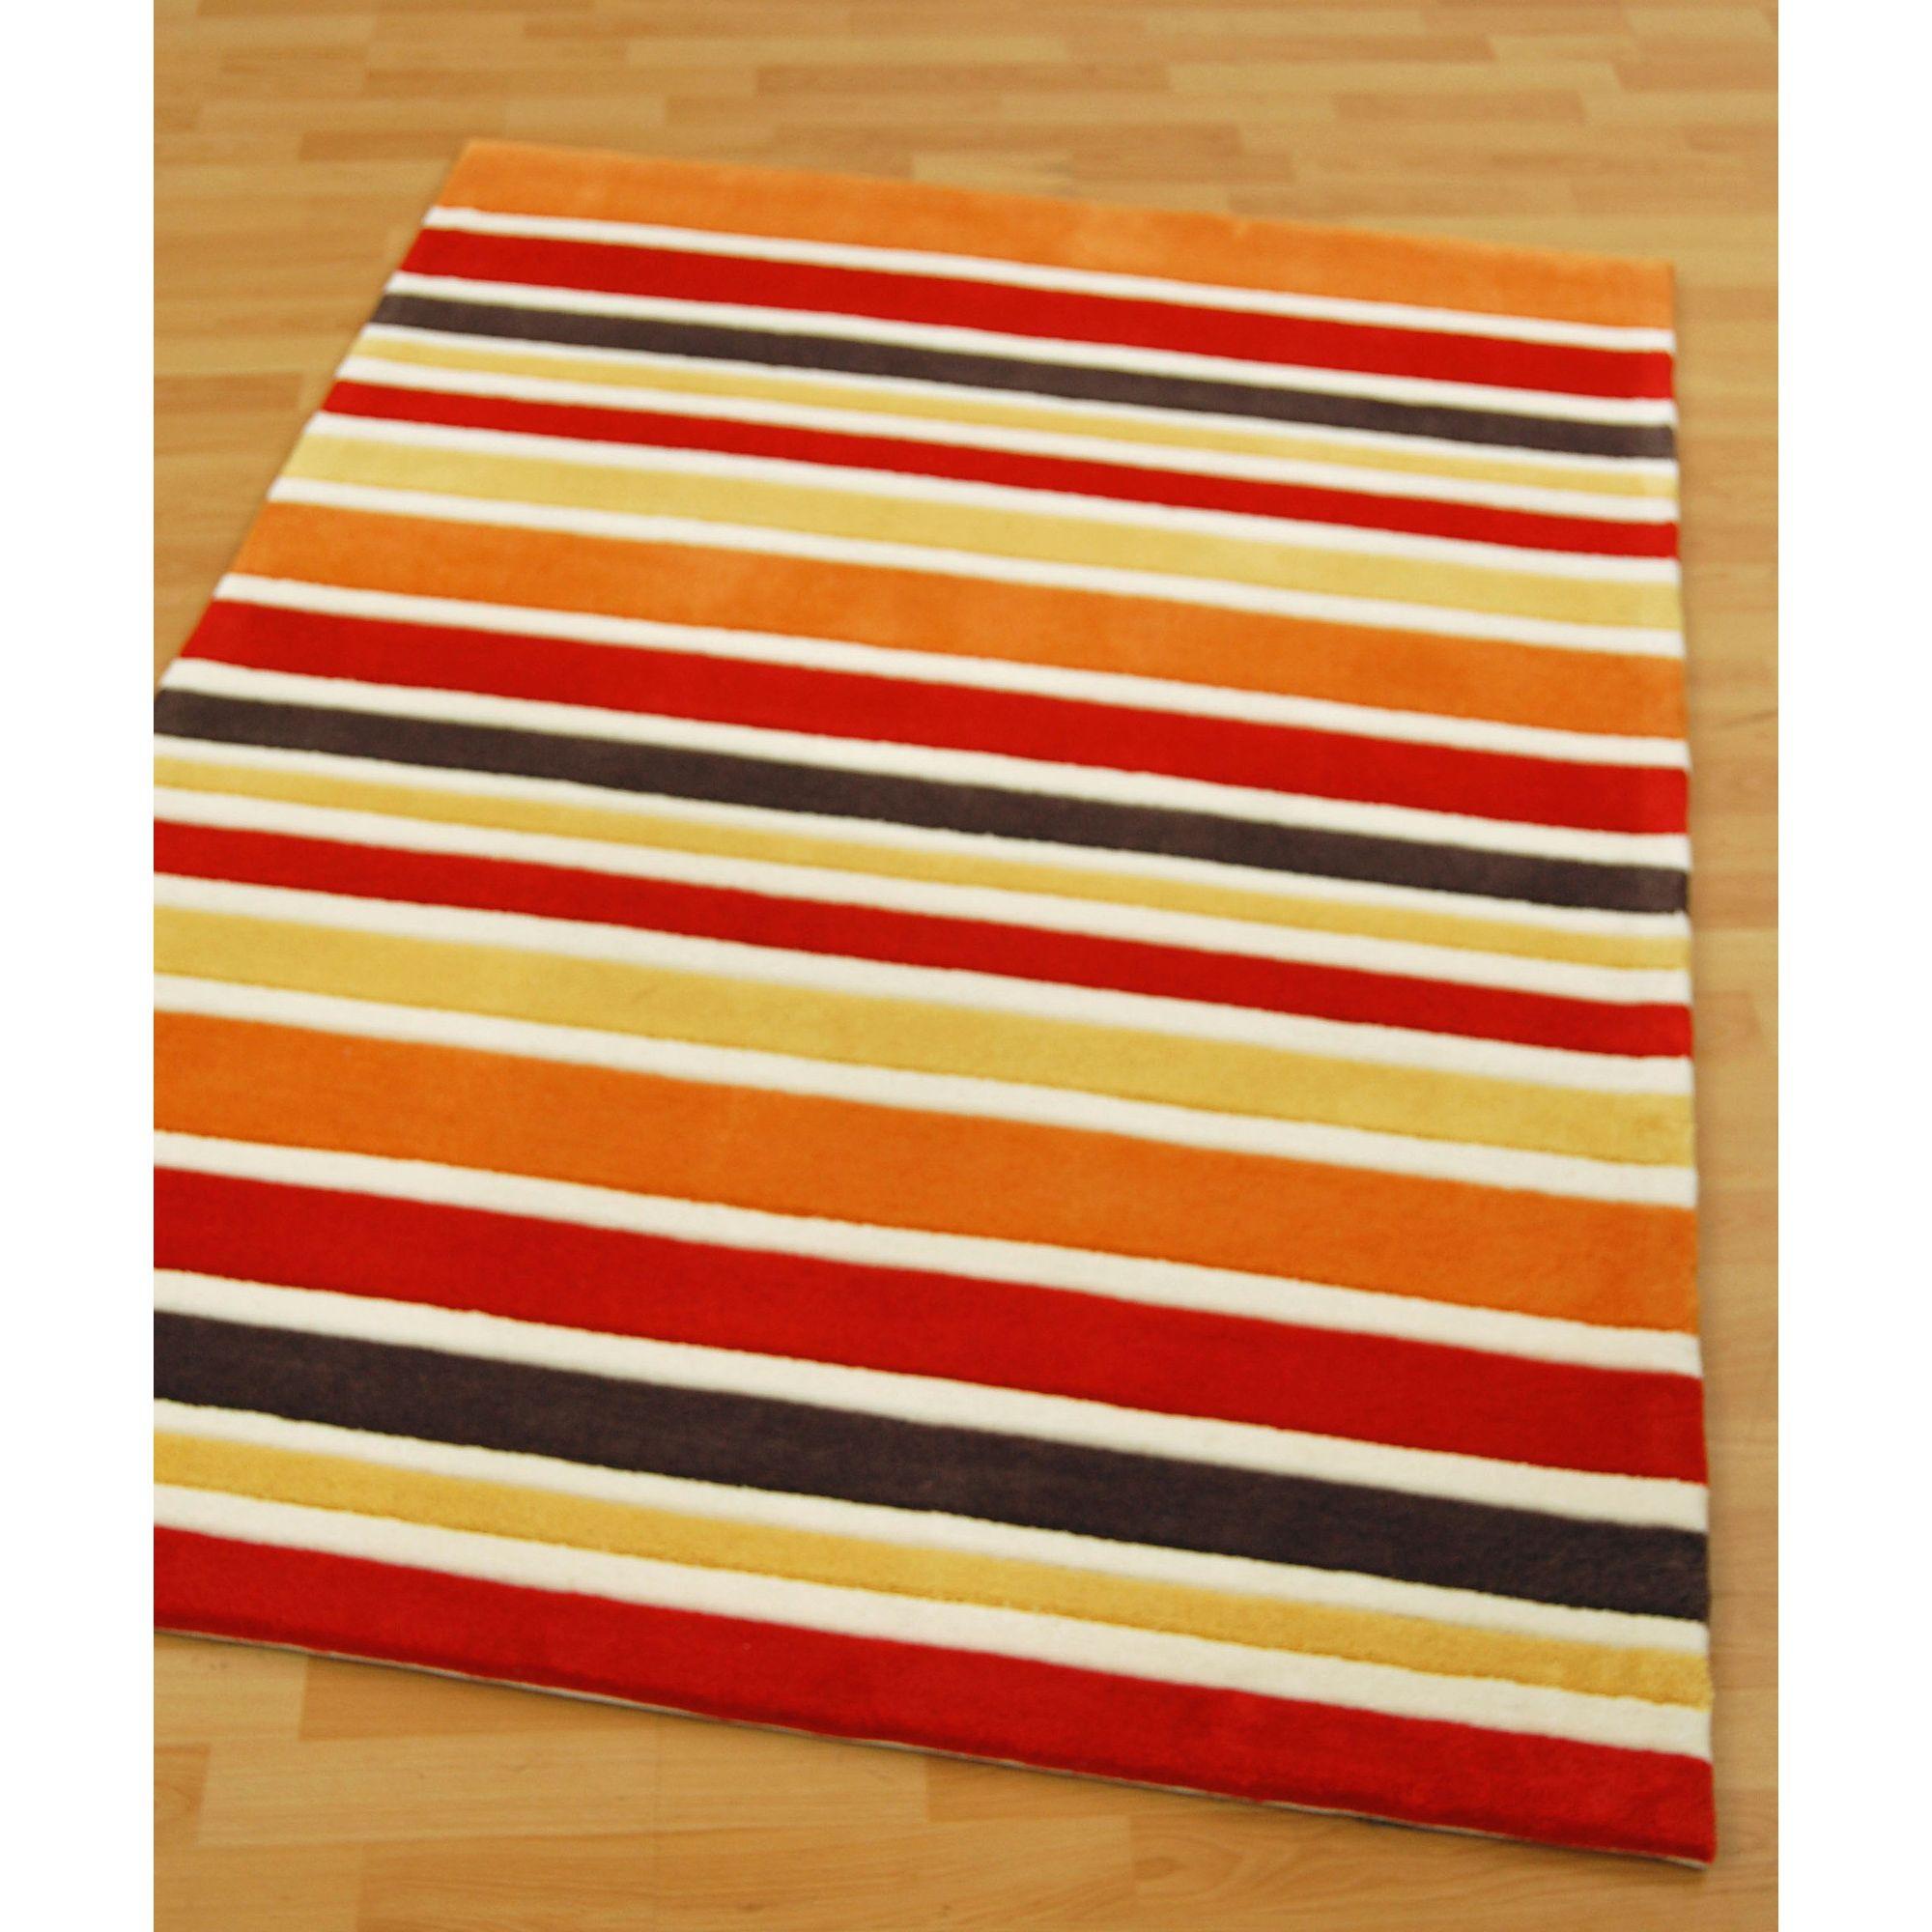 Other Origin Red Rainbow Orange Rug - 150cm x 80cm